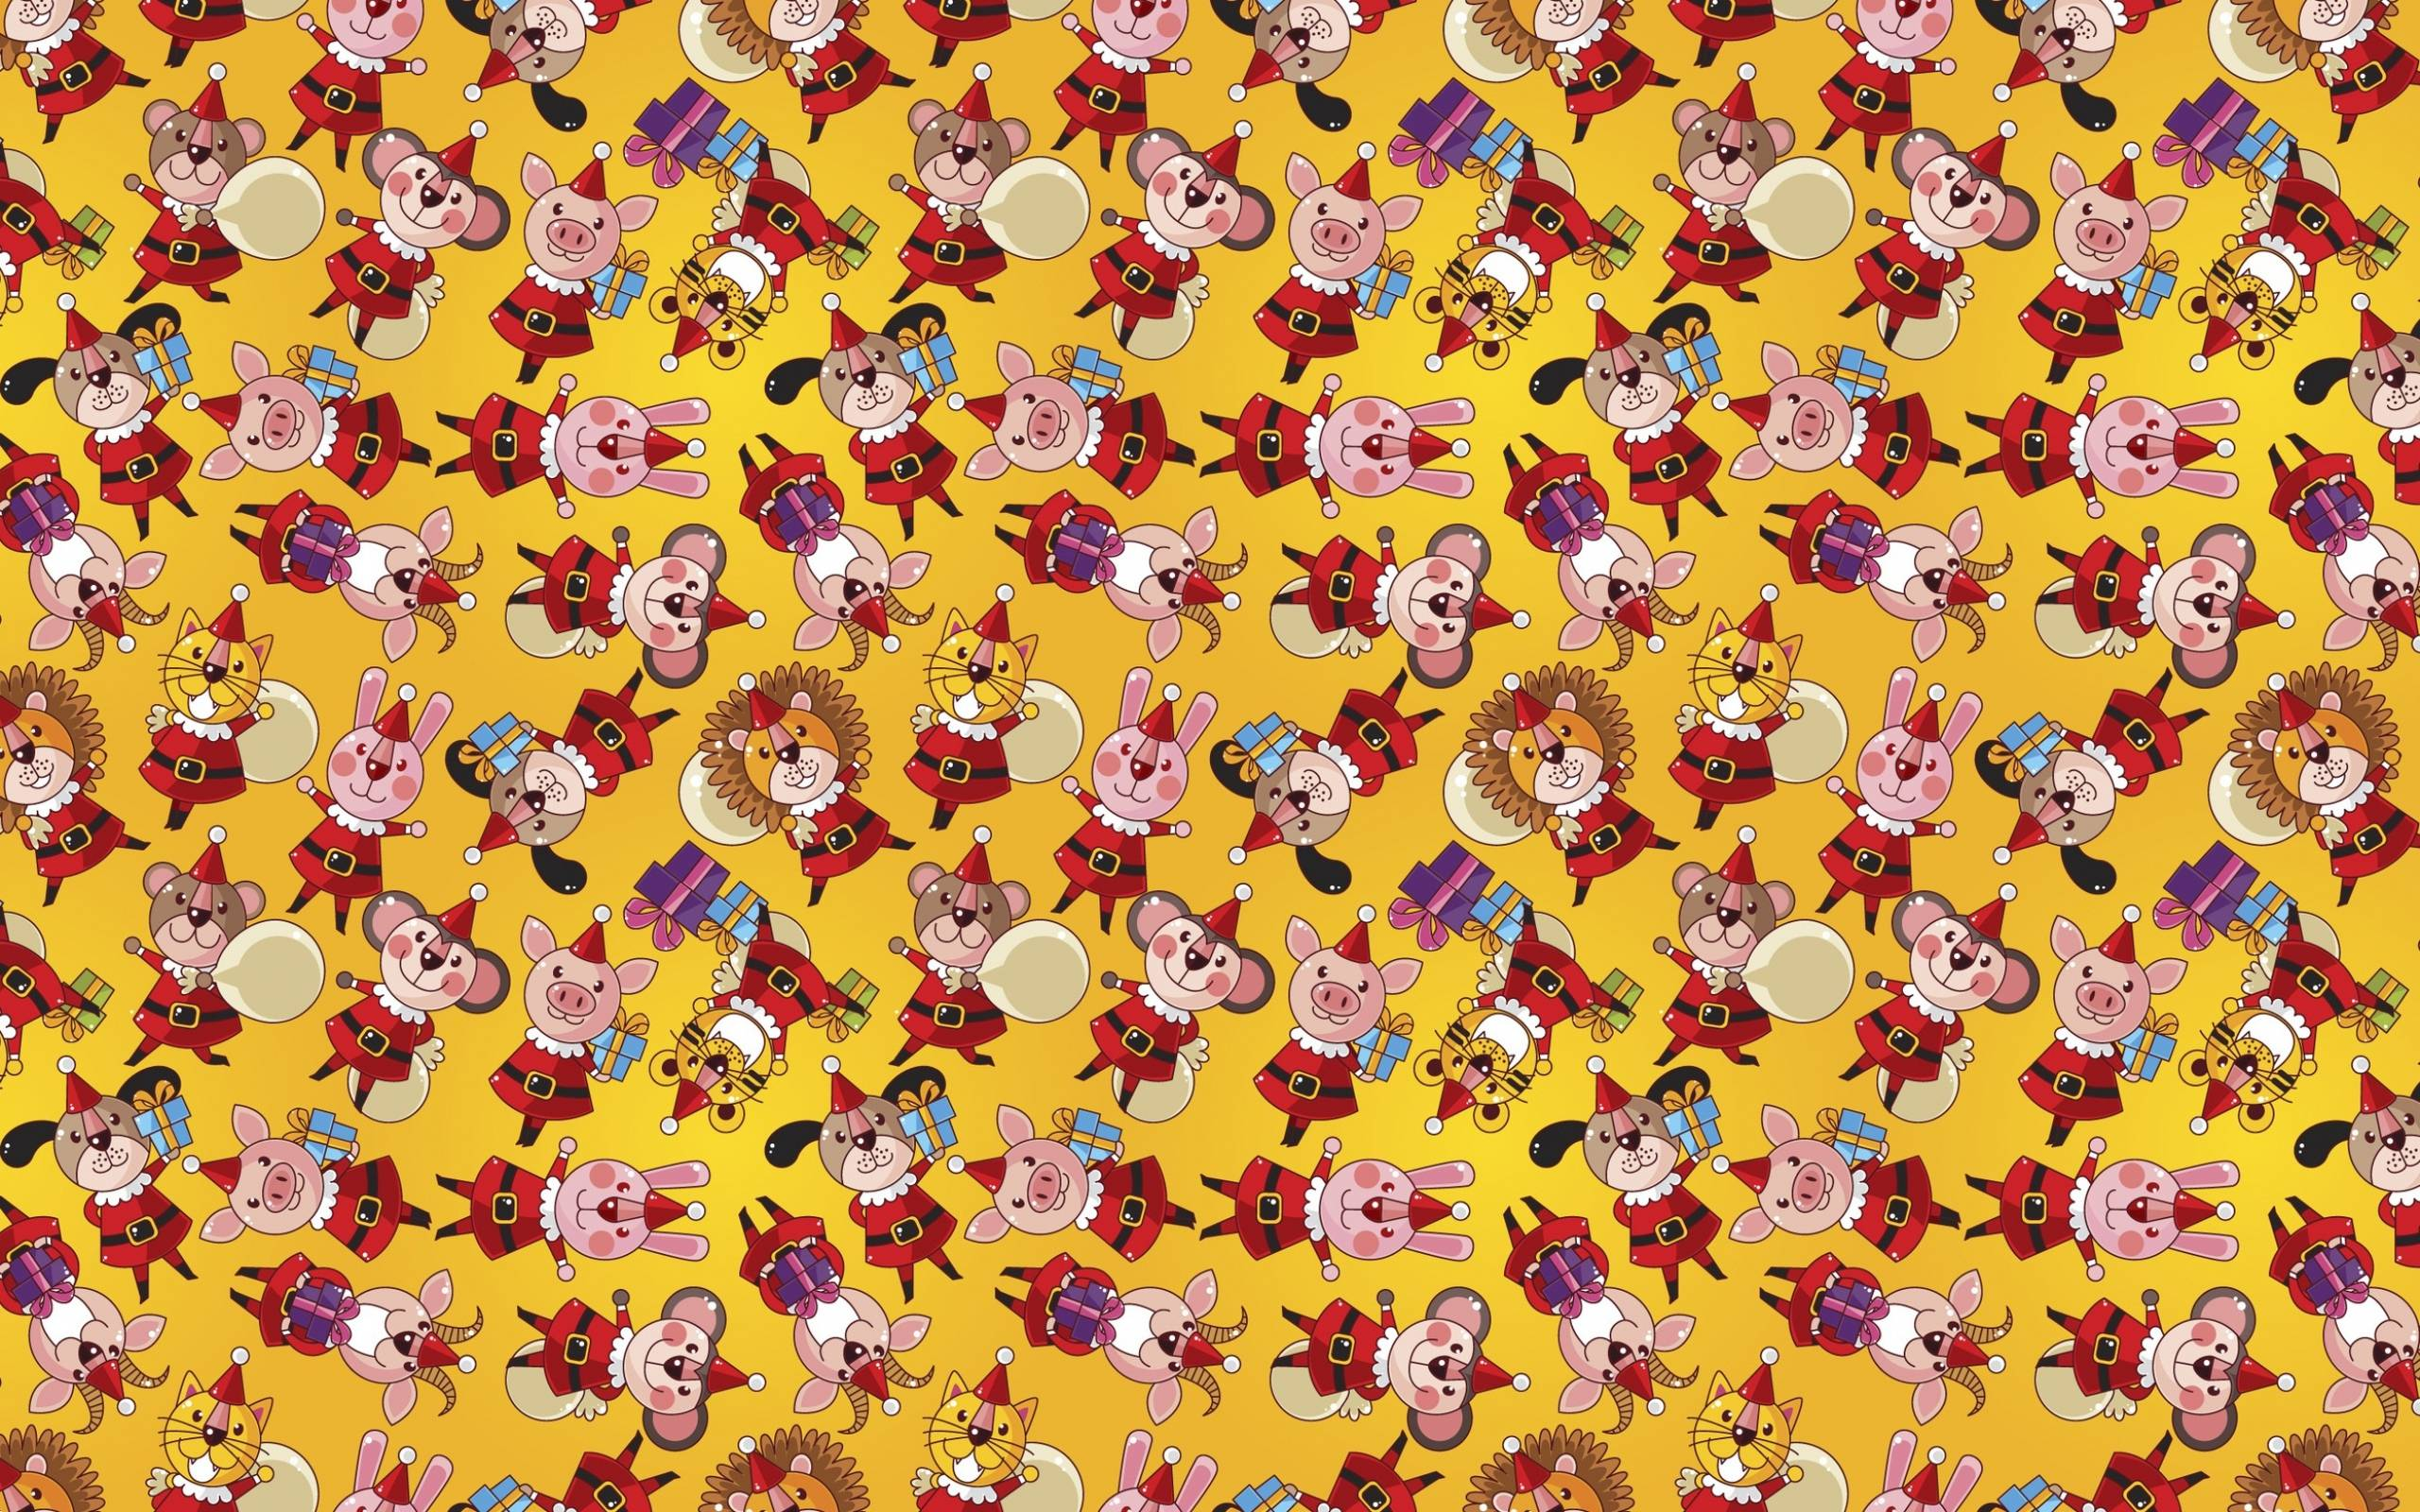 Картинка 184 пикселя